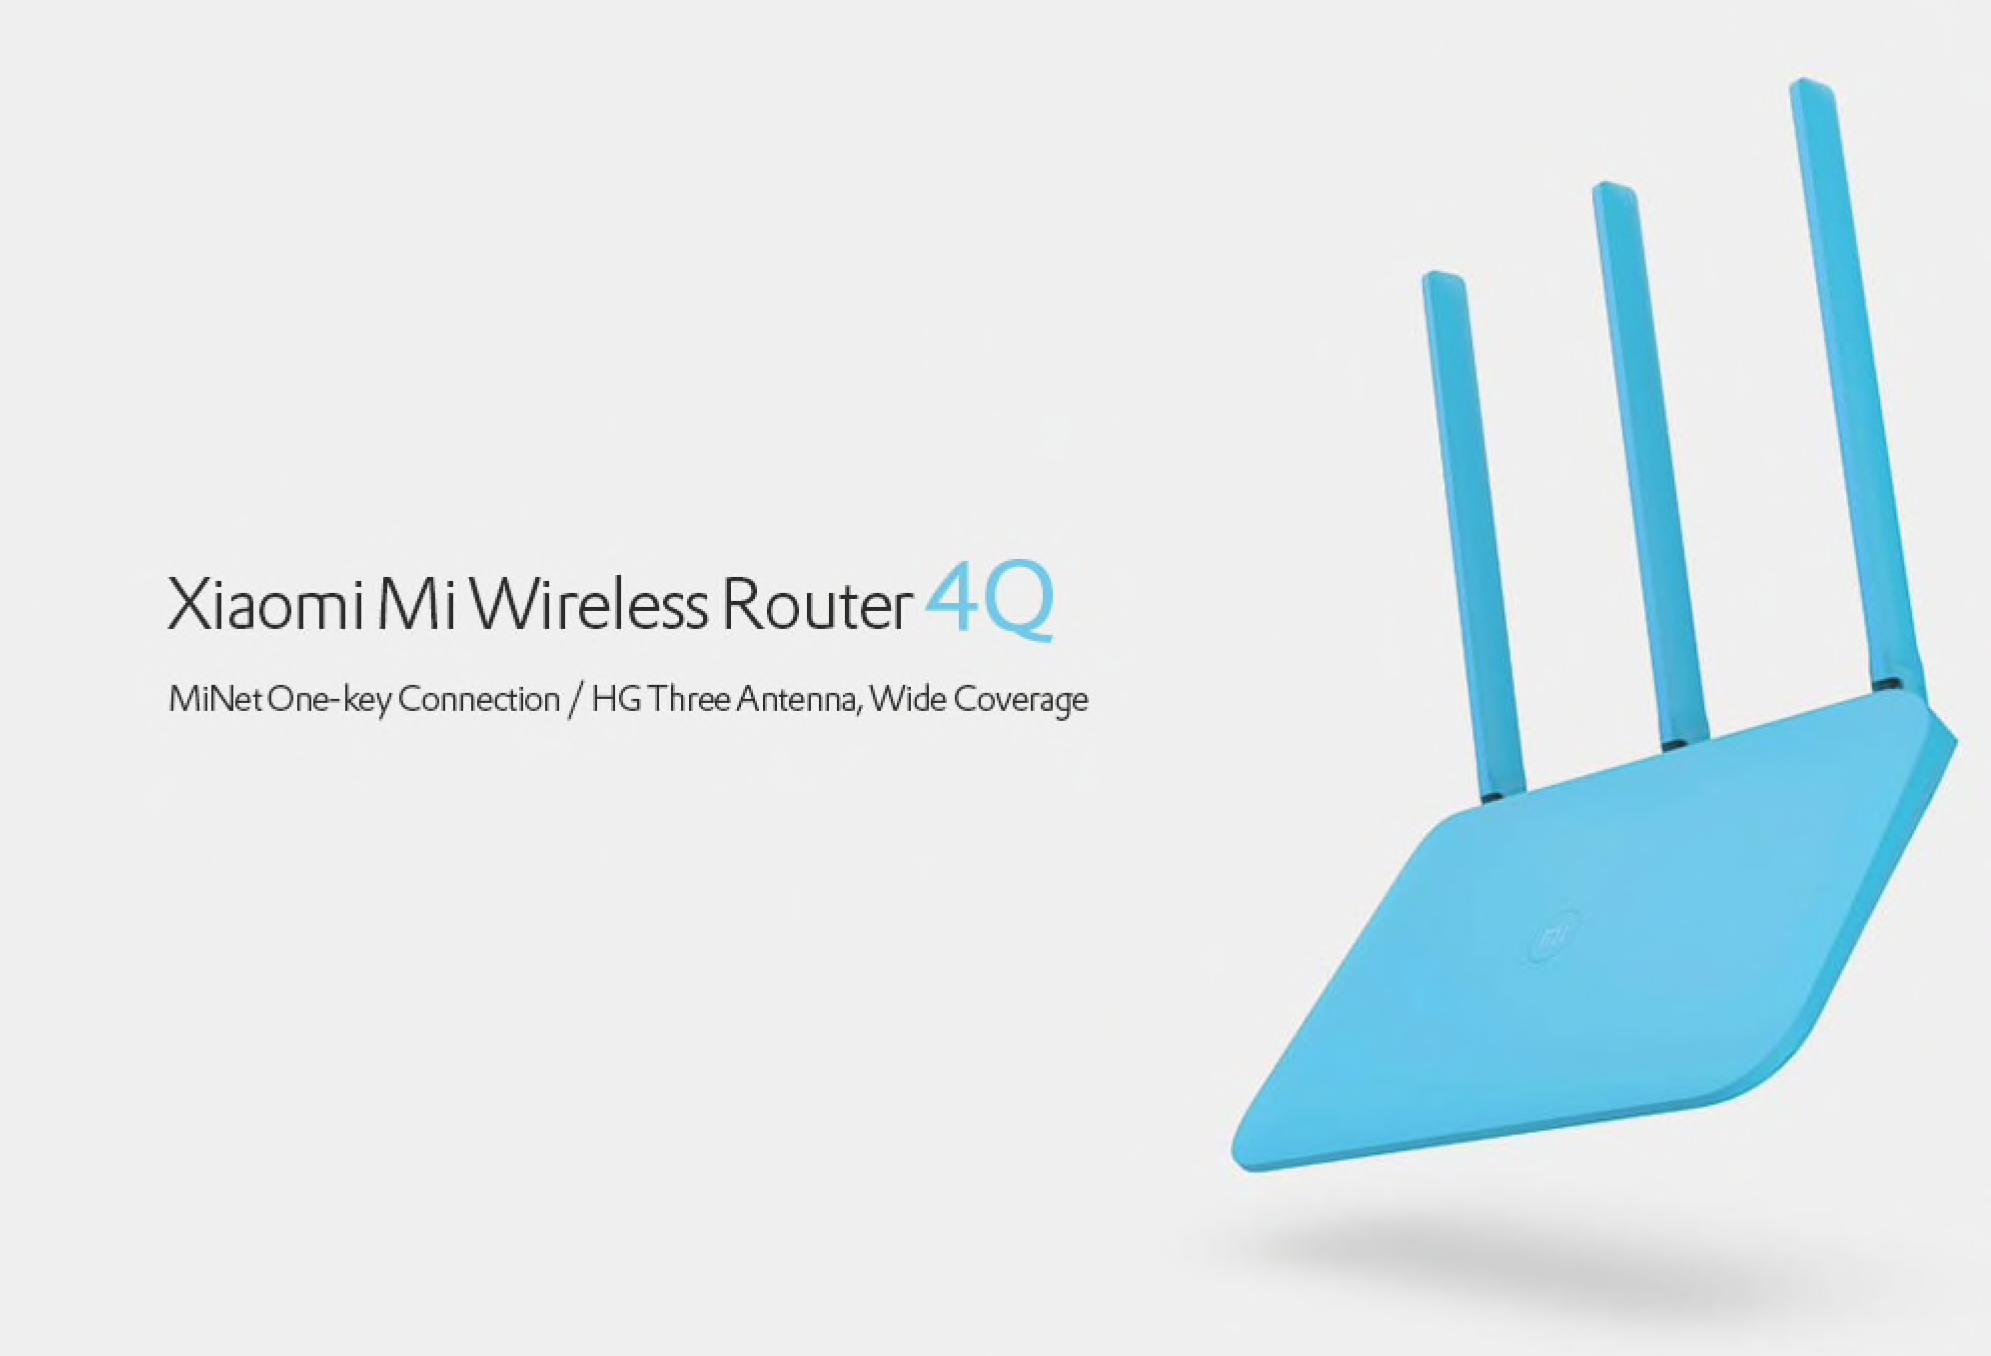 Gearbest: Originální Xiaomi Mi 4Q router za nejnižší cenu na trhu! [sponzorovaný článek]